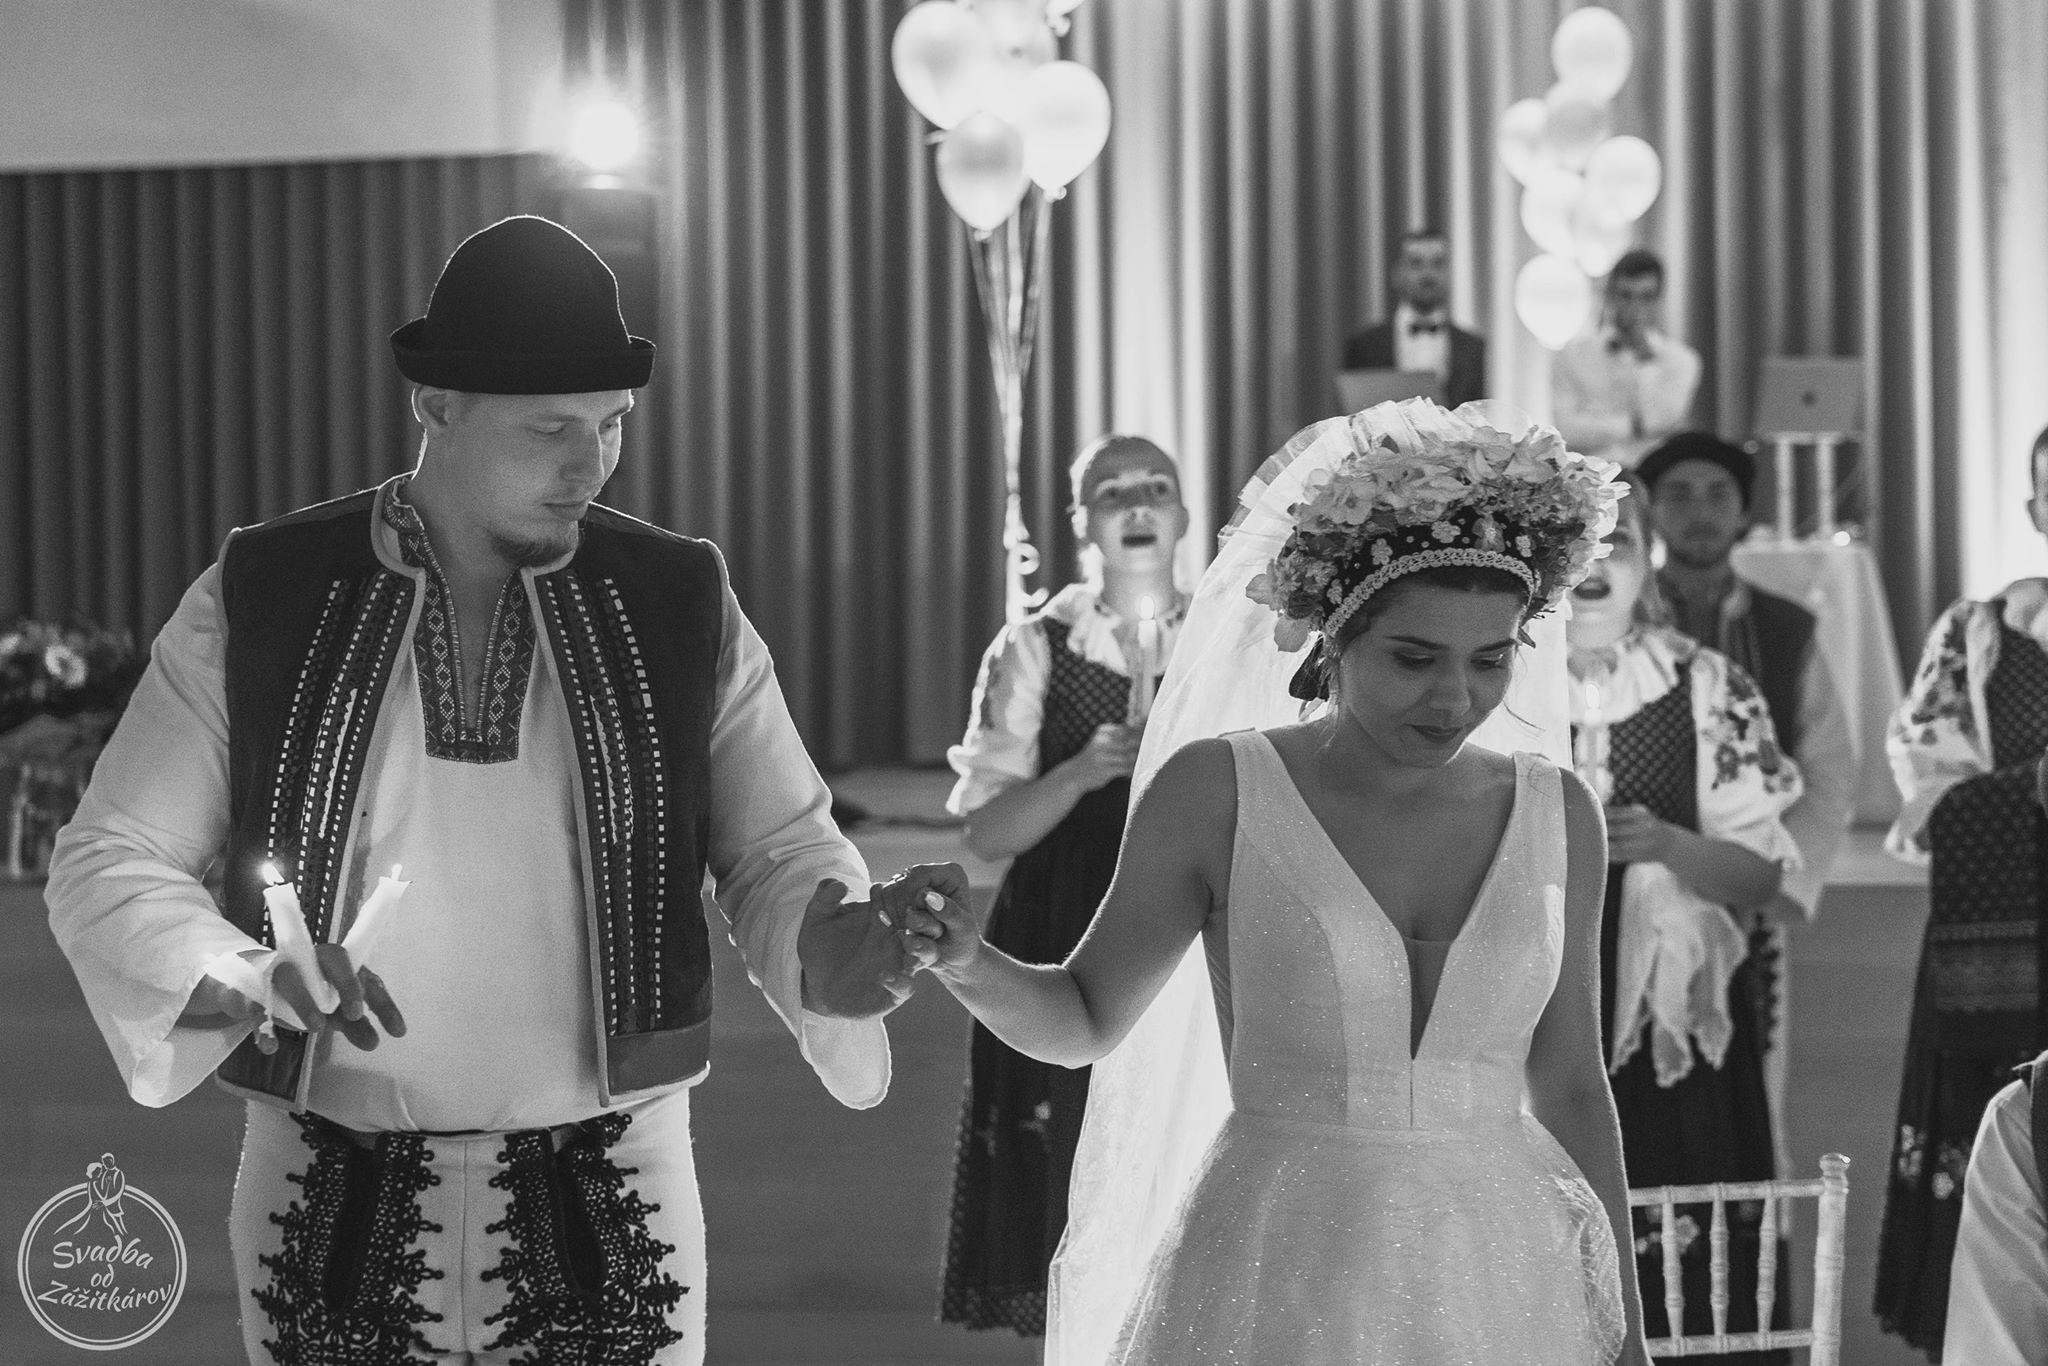 cepcenie-nevesty-zacepcenie-svadobna-sutaz-hrajpg